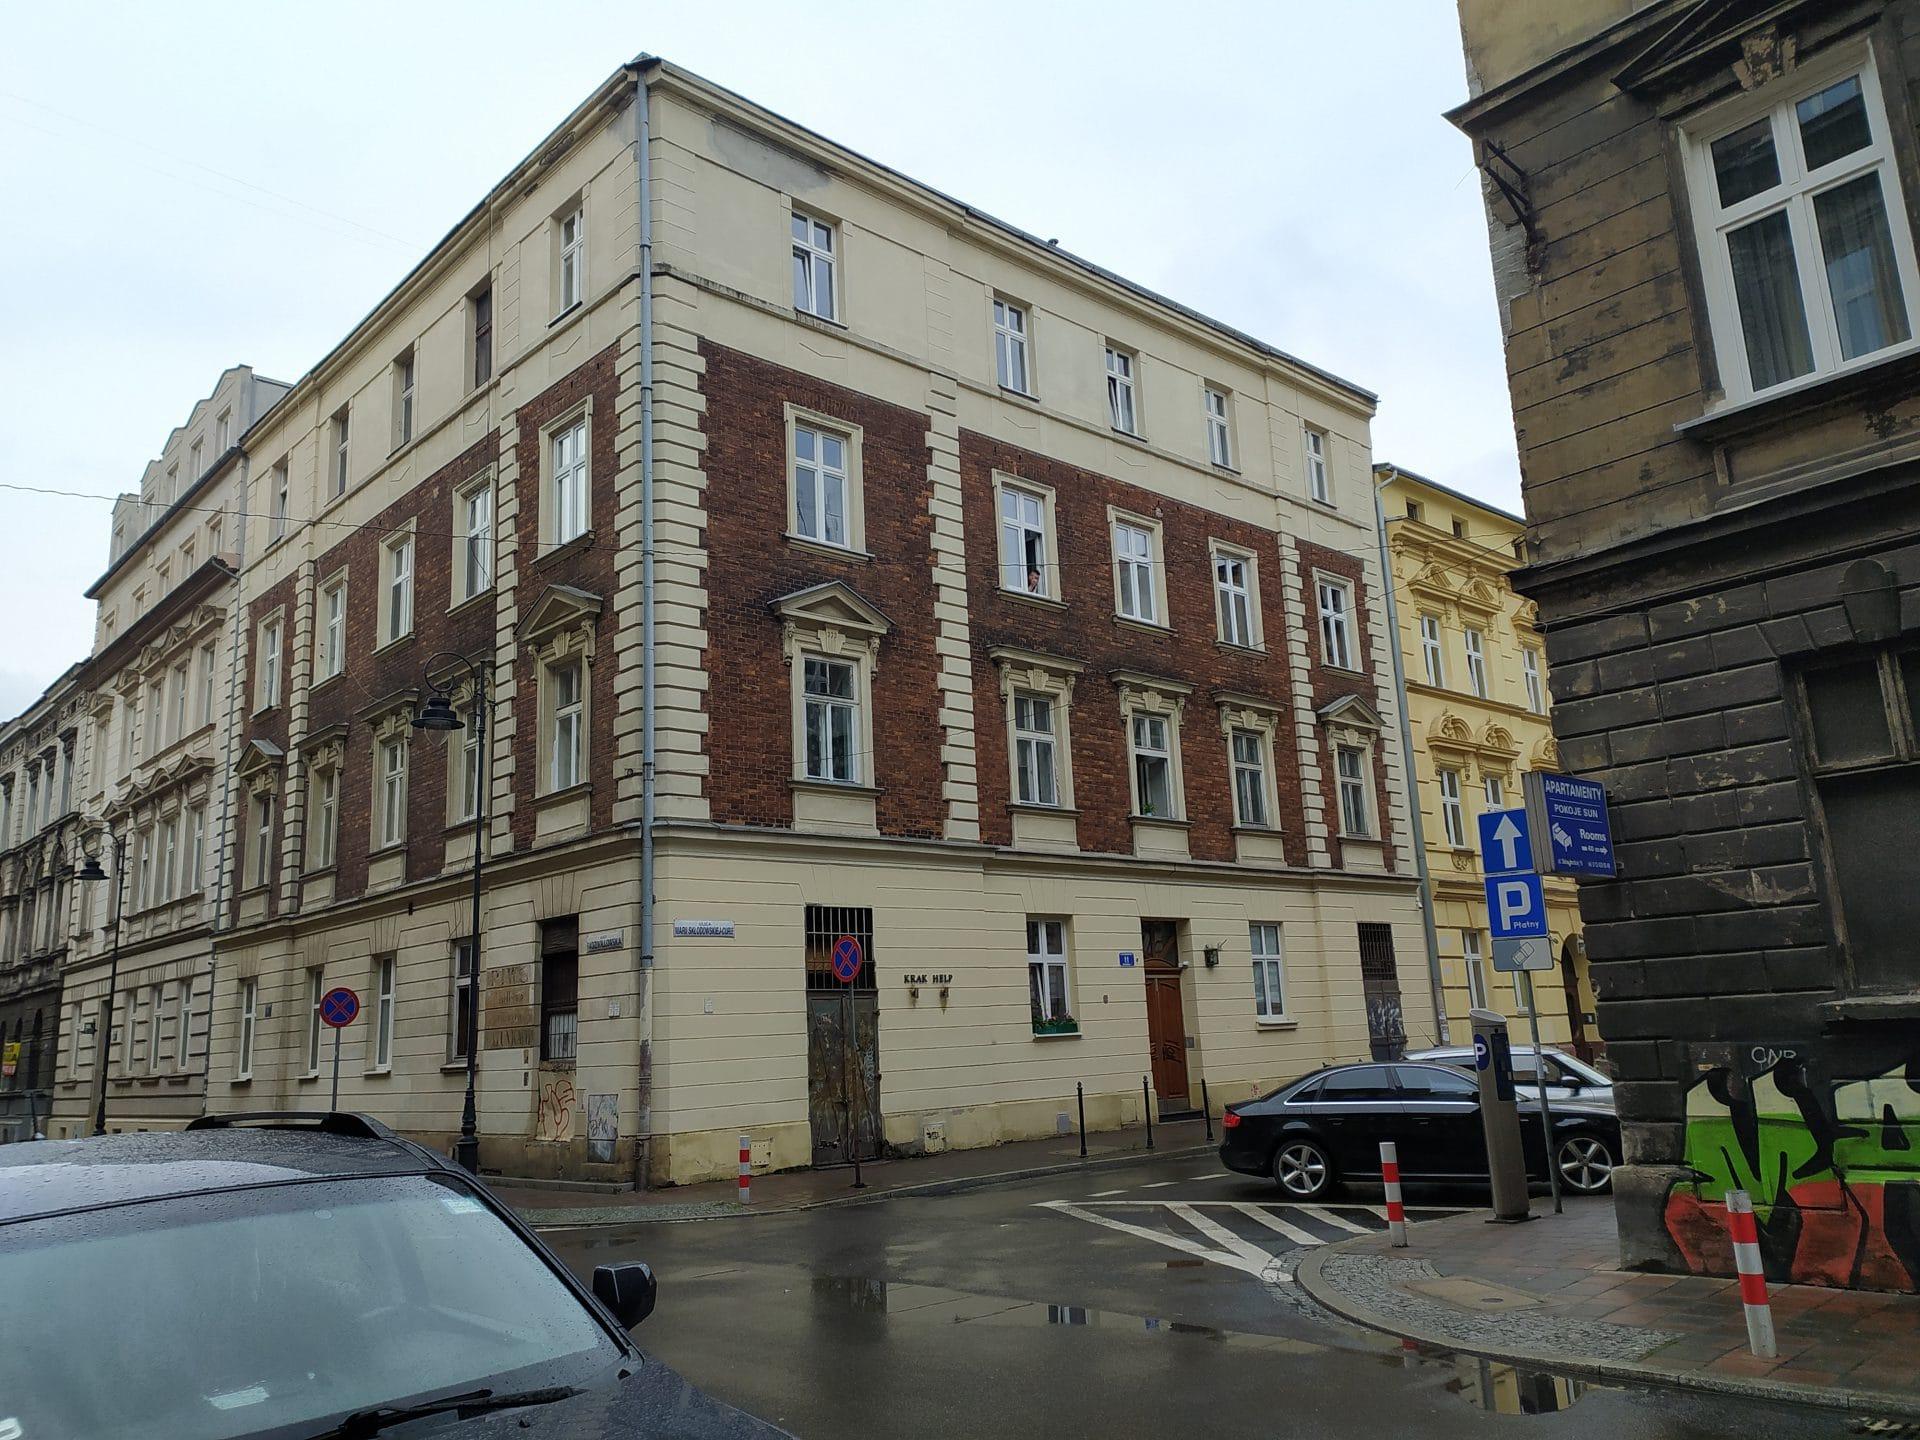 Maliszowie na miejsce napadu wybrali kamienicę przy ulicy Pańskiej 11. Dziś to ulica Marii Skłodowskiej-Curie.